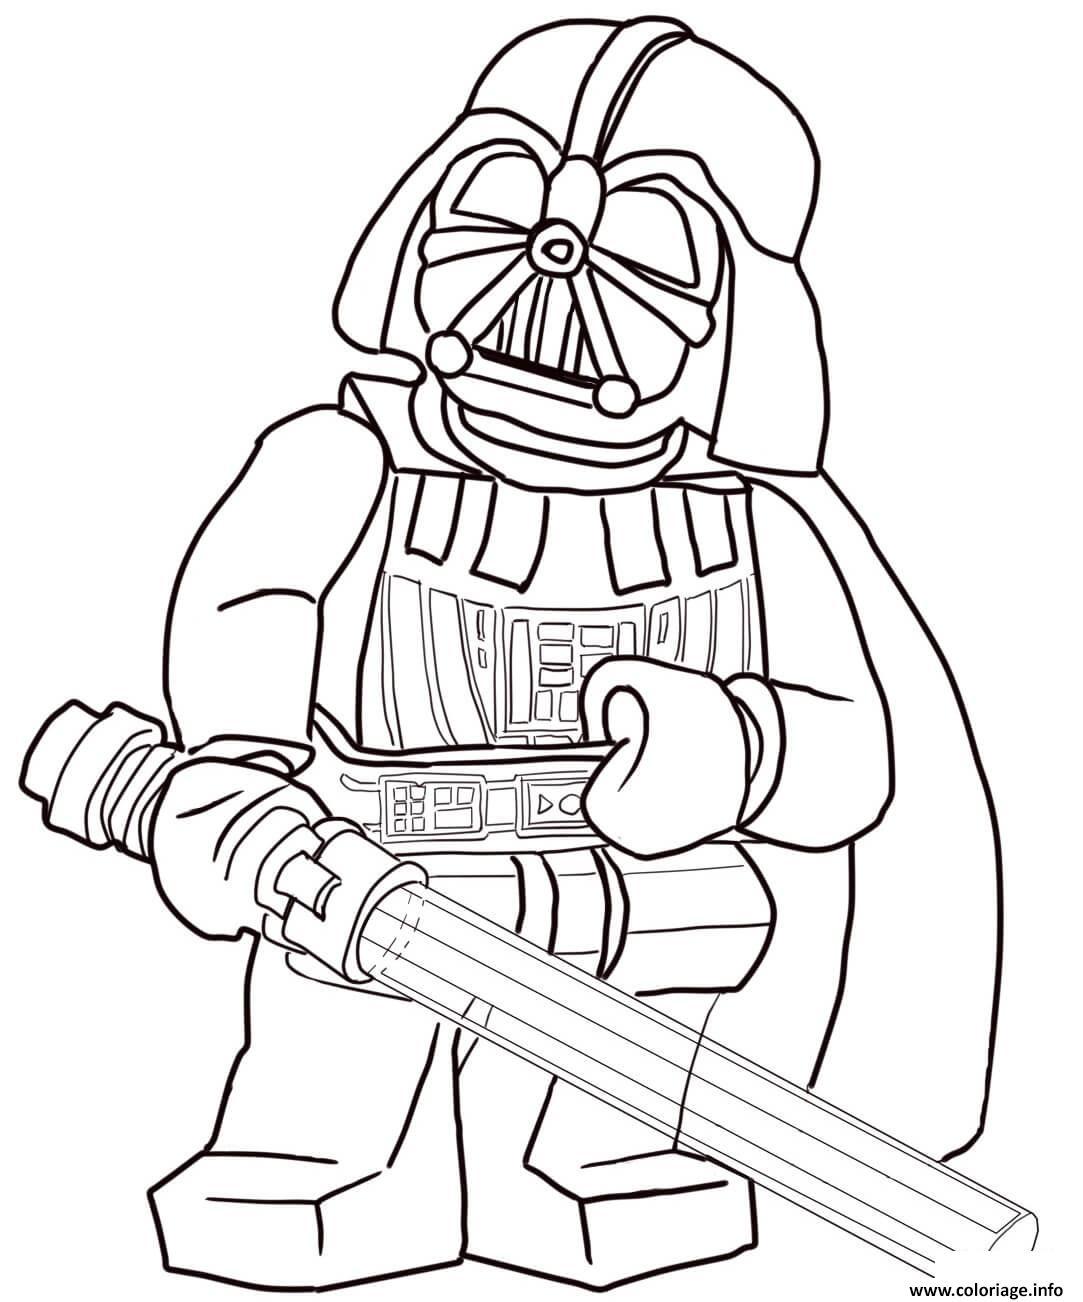 Coloriage Lego Star Wars 3 Movie Dessin